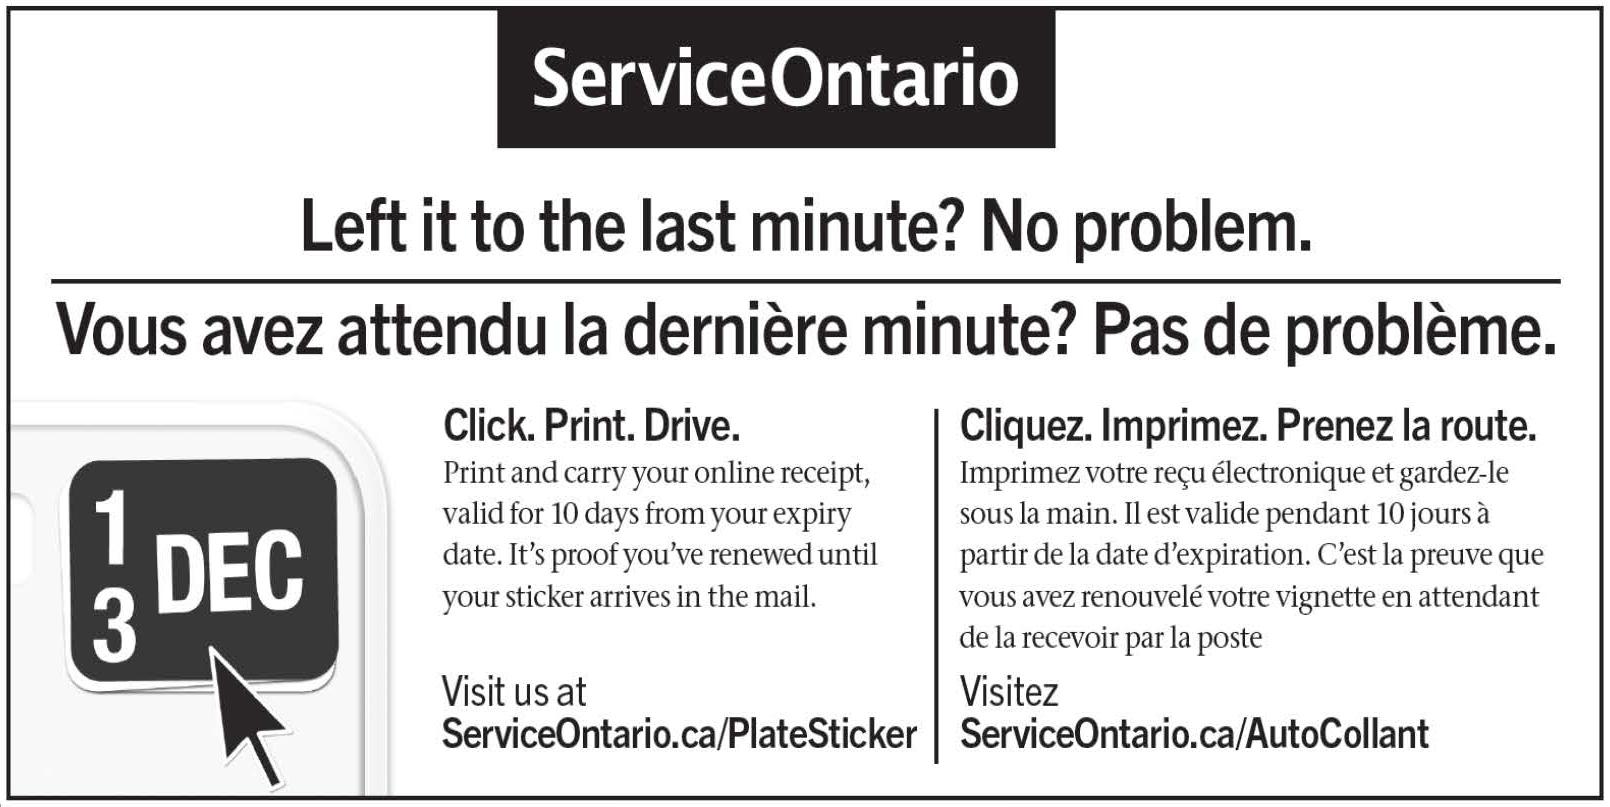 L'image ci-dessus provient du site Web de Service Ontario. Il s'agit d'une publicité de Service Ontario indiquant comment renouveler votre vignette d'immatriculation. On peut y lire le texte suivant : « Vous avez attend la dernière minute? Pas de problème. Cliquez. Imprimez. Prenez la route. Imprimez votre reçu électronique et gardez-le sous la main. It est valide pendant 10 jours à partir de la date d'expiration. C'est la preuve que vous avez renouvelé votre vignette en attendant de la recevoir par la poste. Visitez ServiceOntario.ca/AutoCollant »